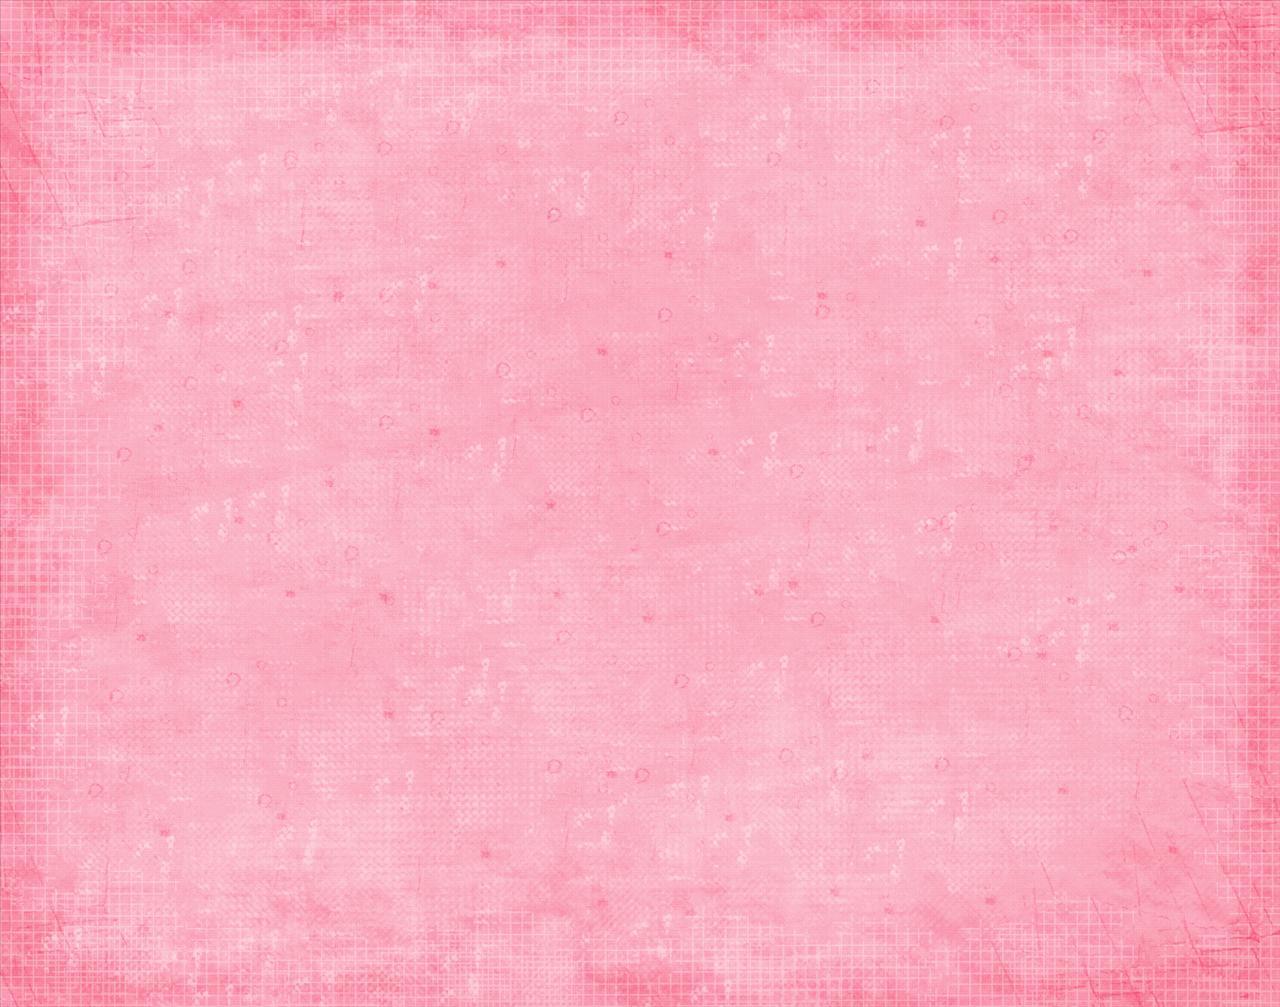 pale pink 1280x1007